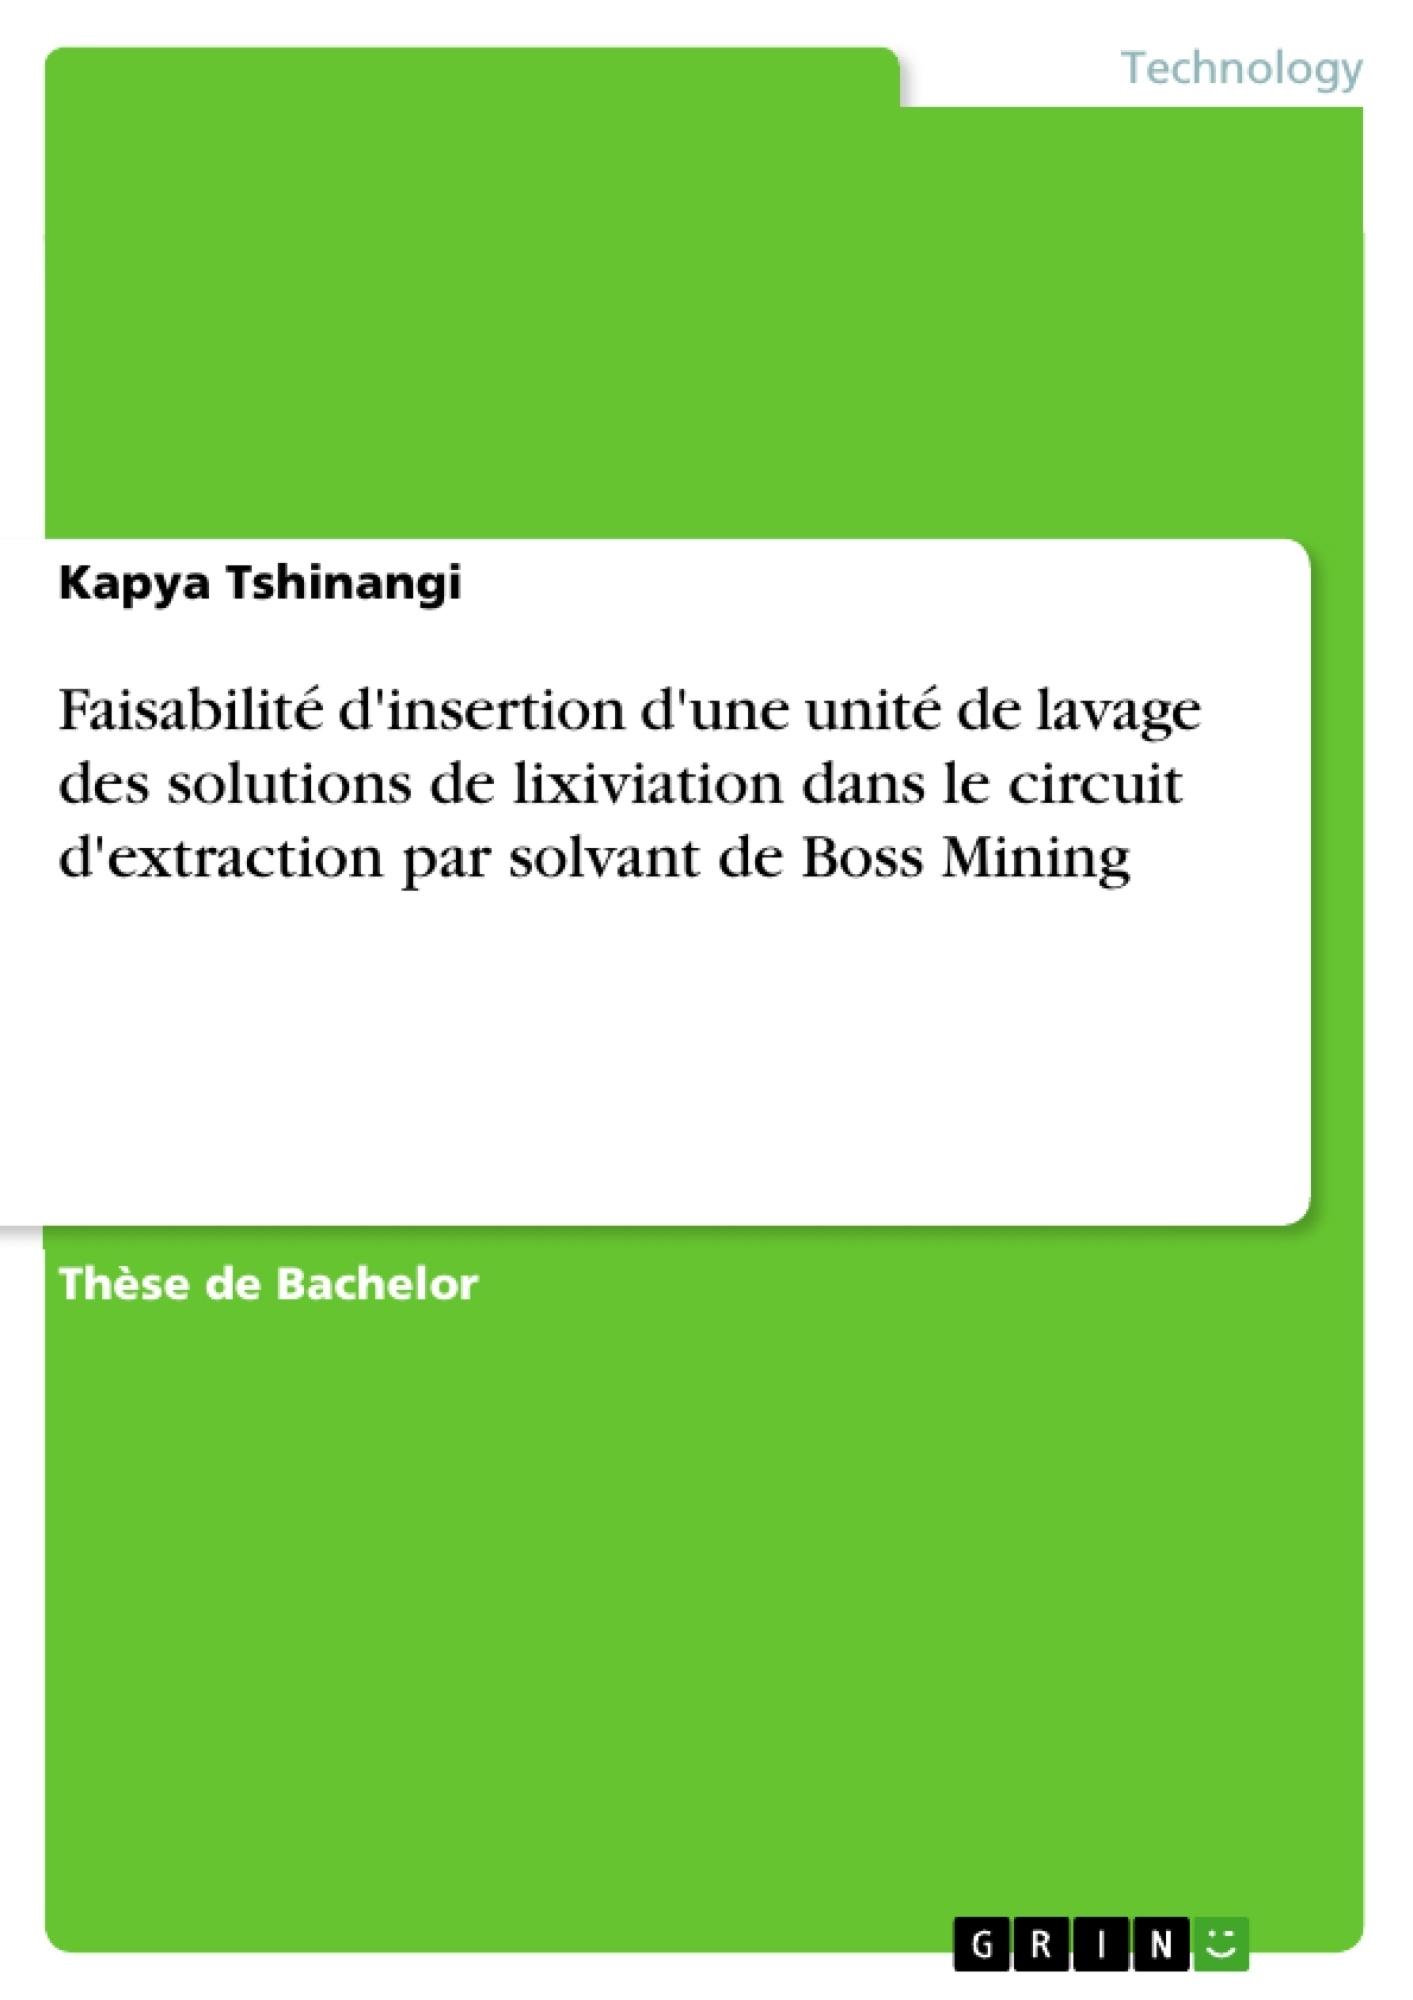 Titre: Faisabilité d'insertion d'une unité de lavage des solutions de lixiviation dans le circuit d'extraction par solvant de Boss Mining